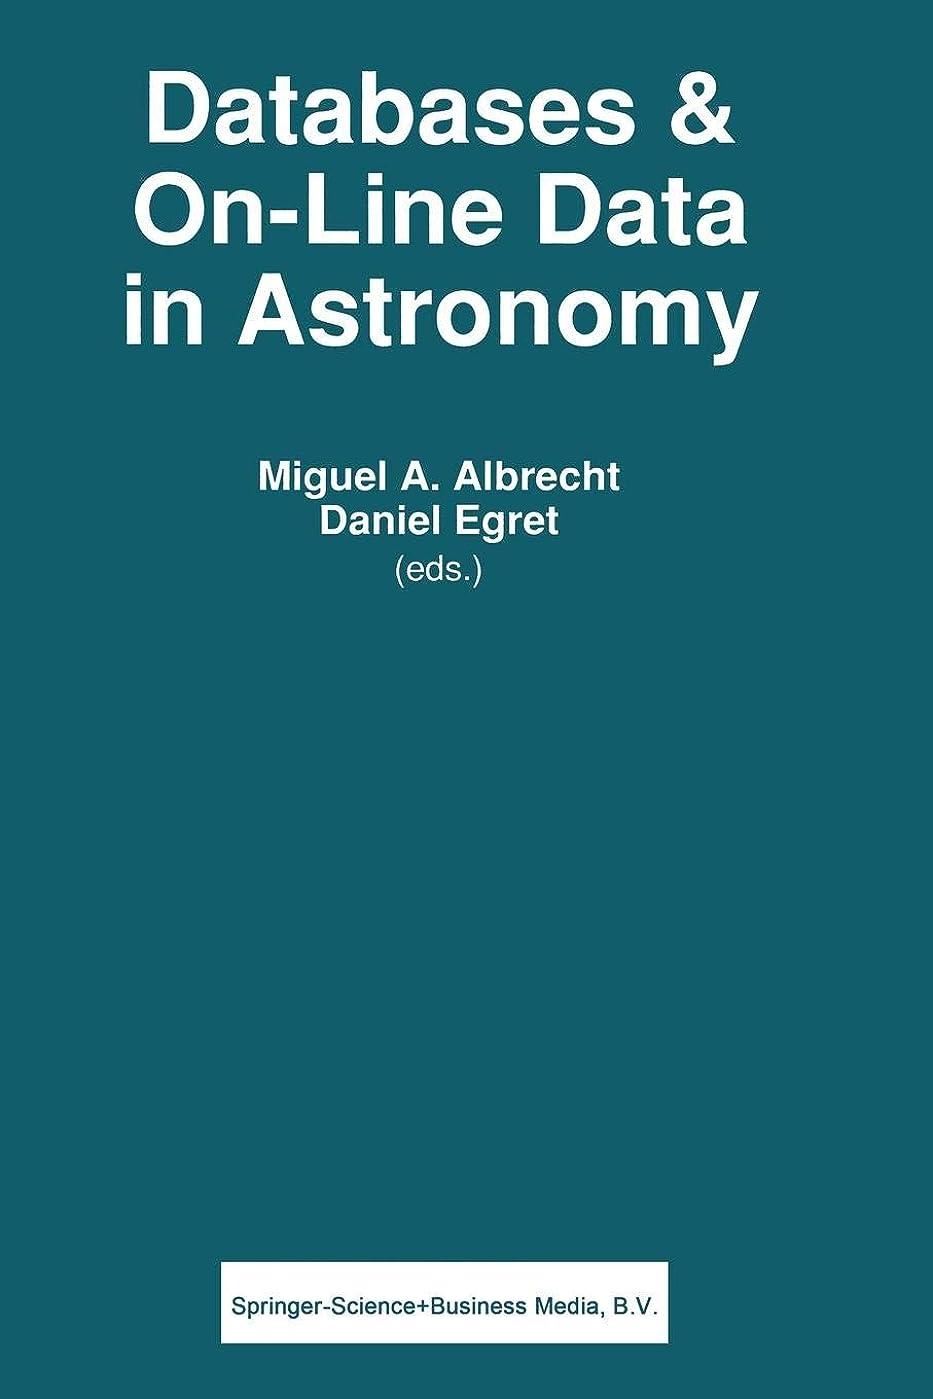 増加するスポット軽量Databases & On-line Data in Astronomy (Astrophysics and Space Science Library)